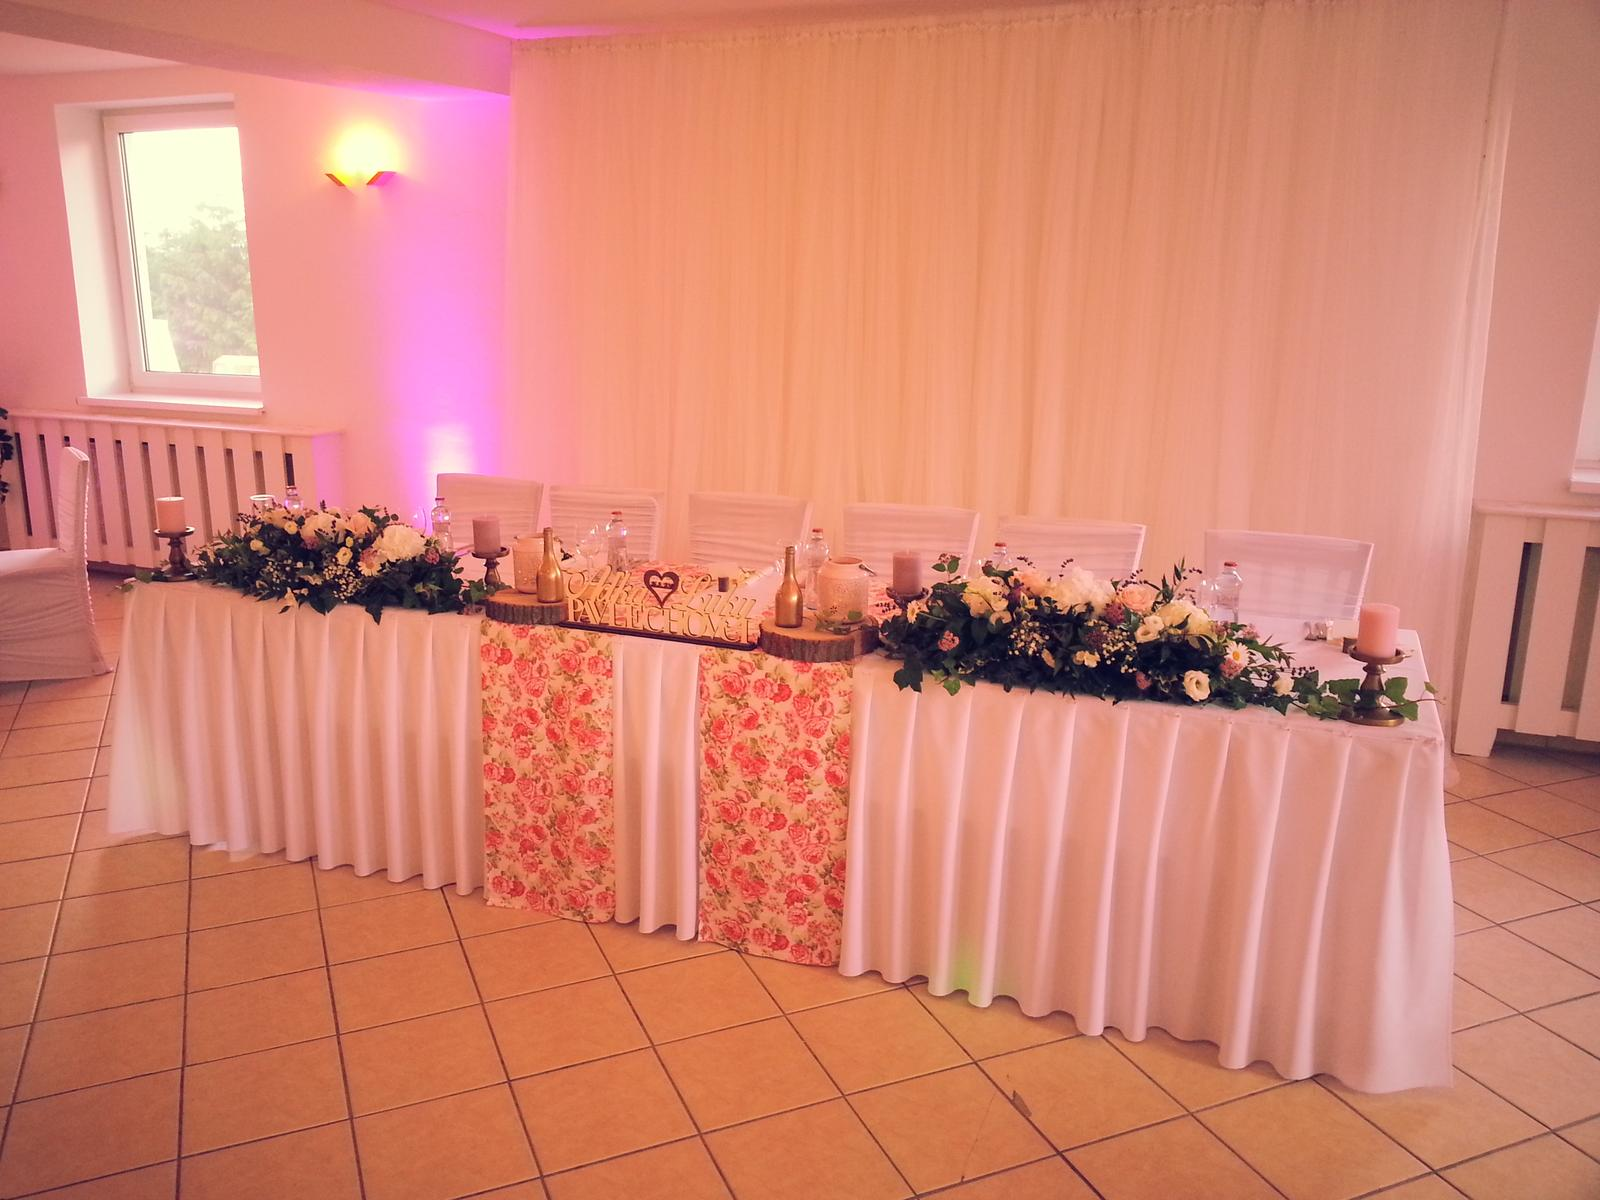 dj_erni - Penzión Ski Centrum Drozdovo - Aďka a Lukáš, fantastická svadobná párty s vynikajúcimi hosťami